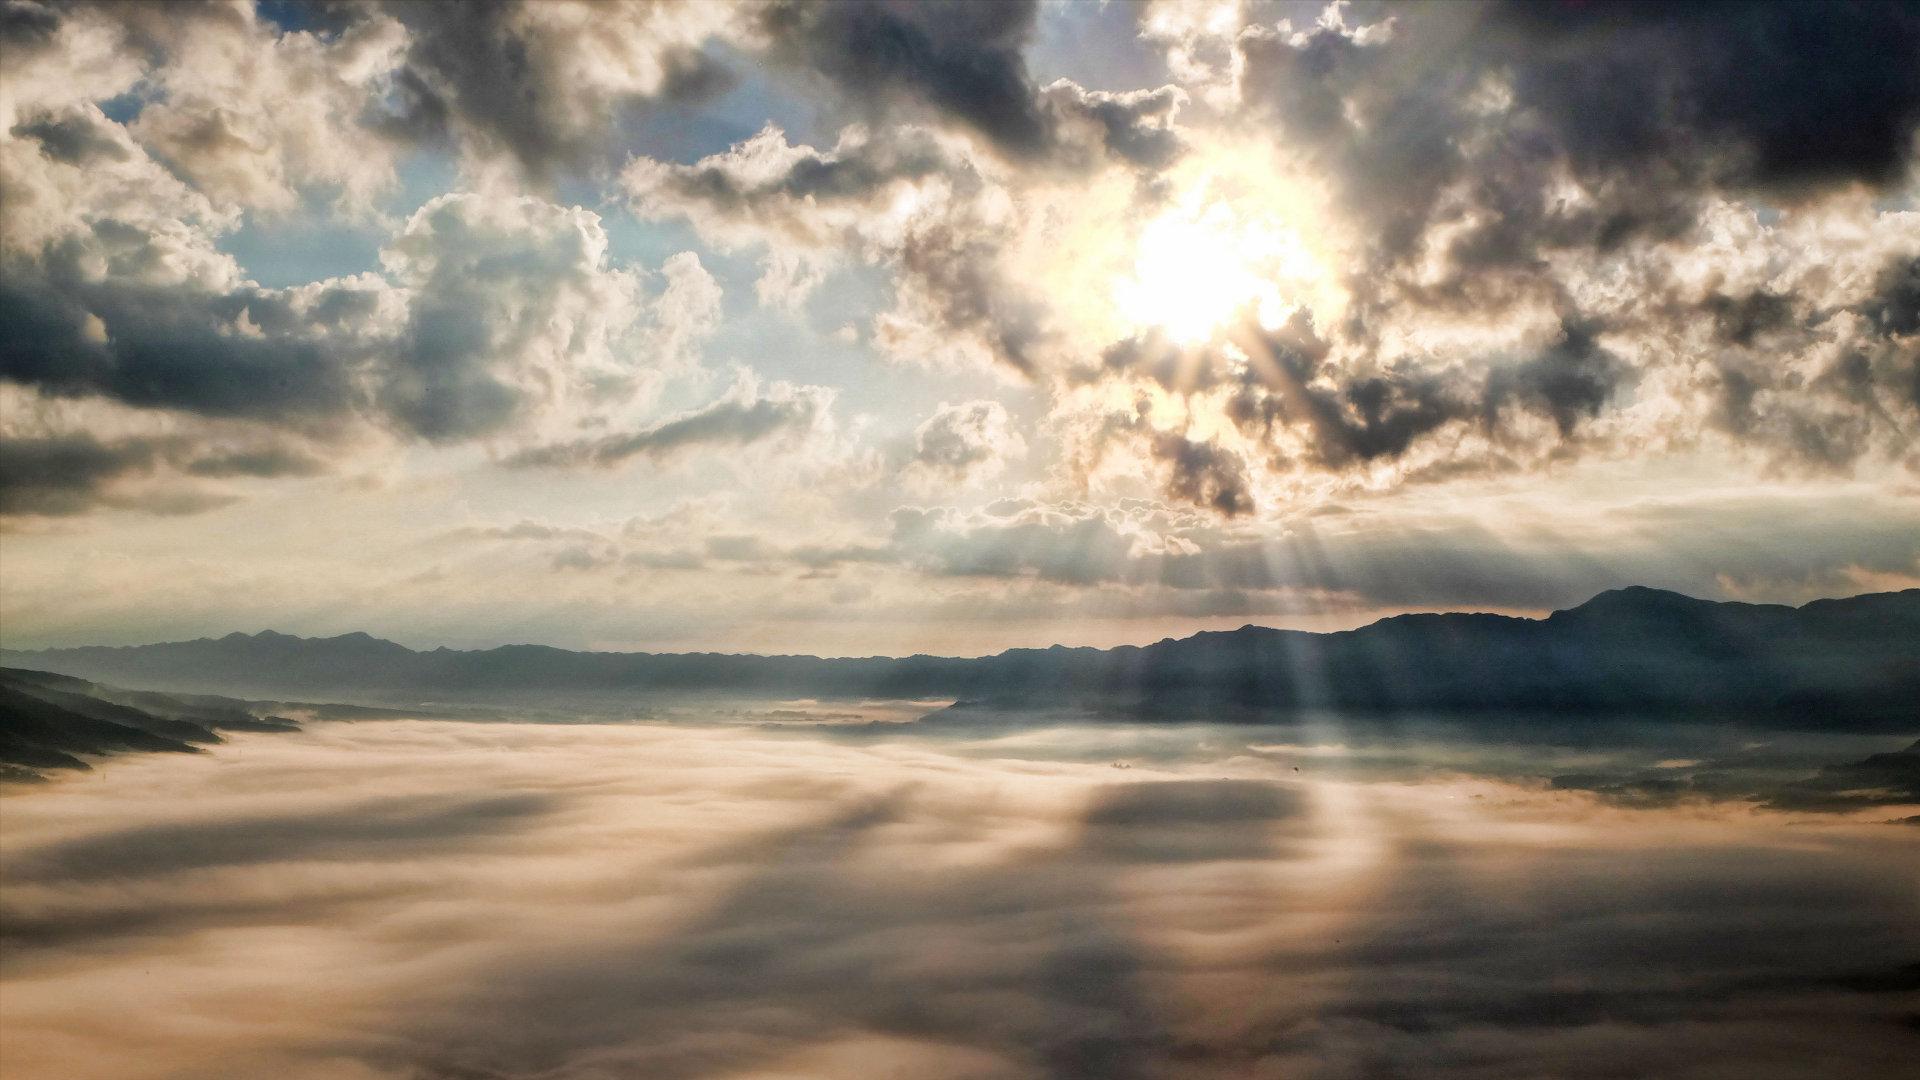 天空透过云彩的光线4K高清图片素材